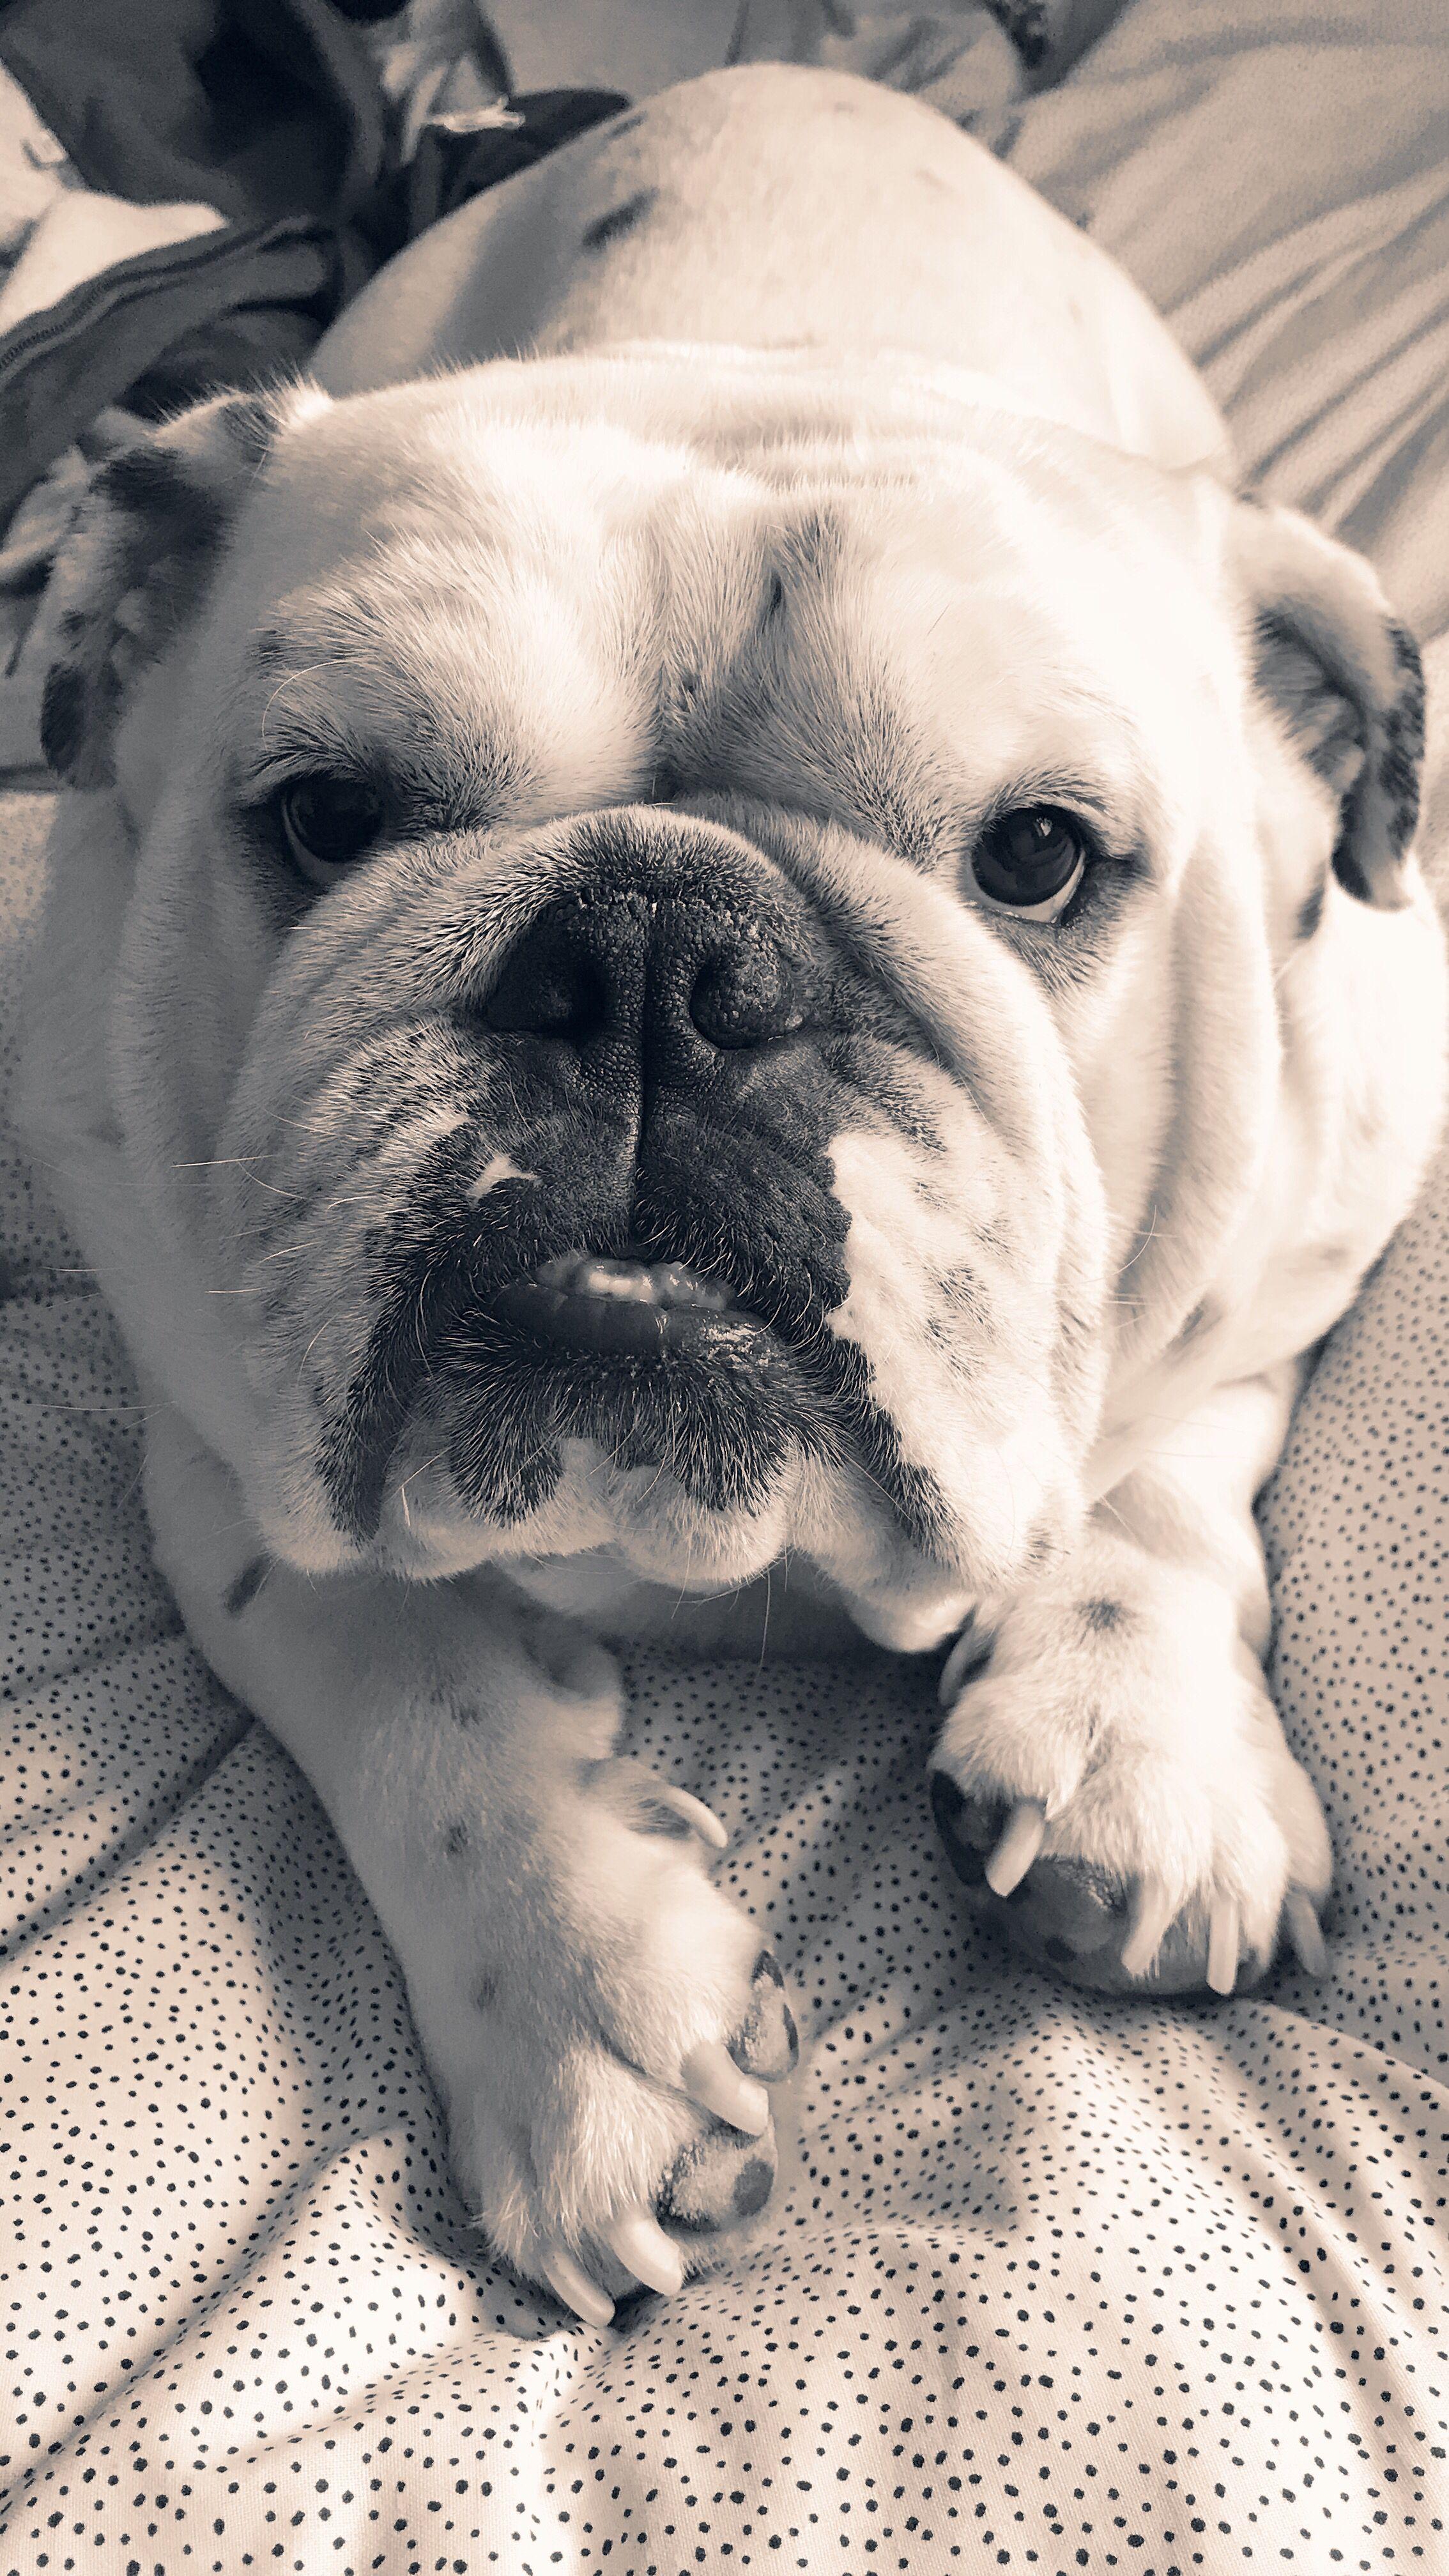 Bulldog English Bulldog British Bulldog Black And White Photo Dogs